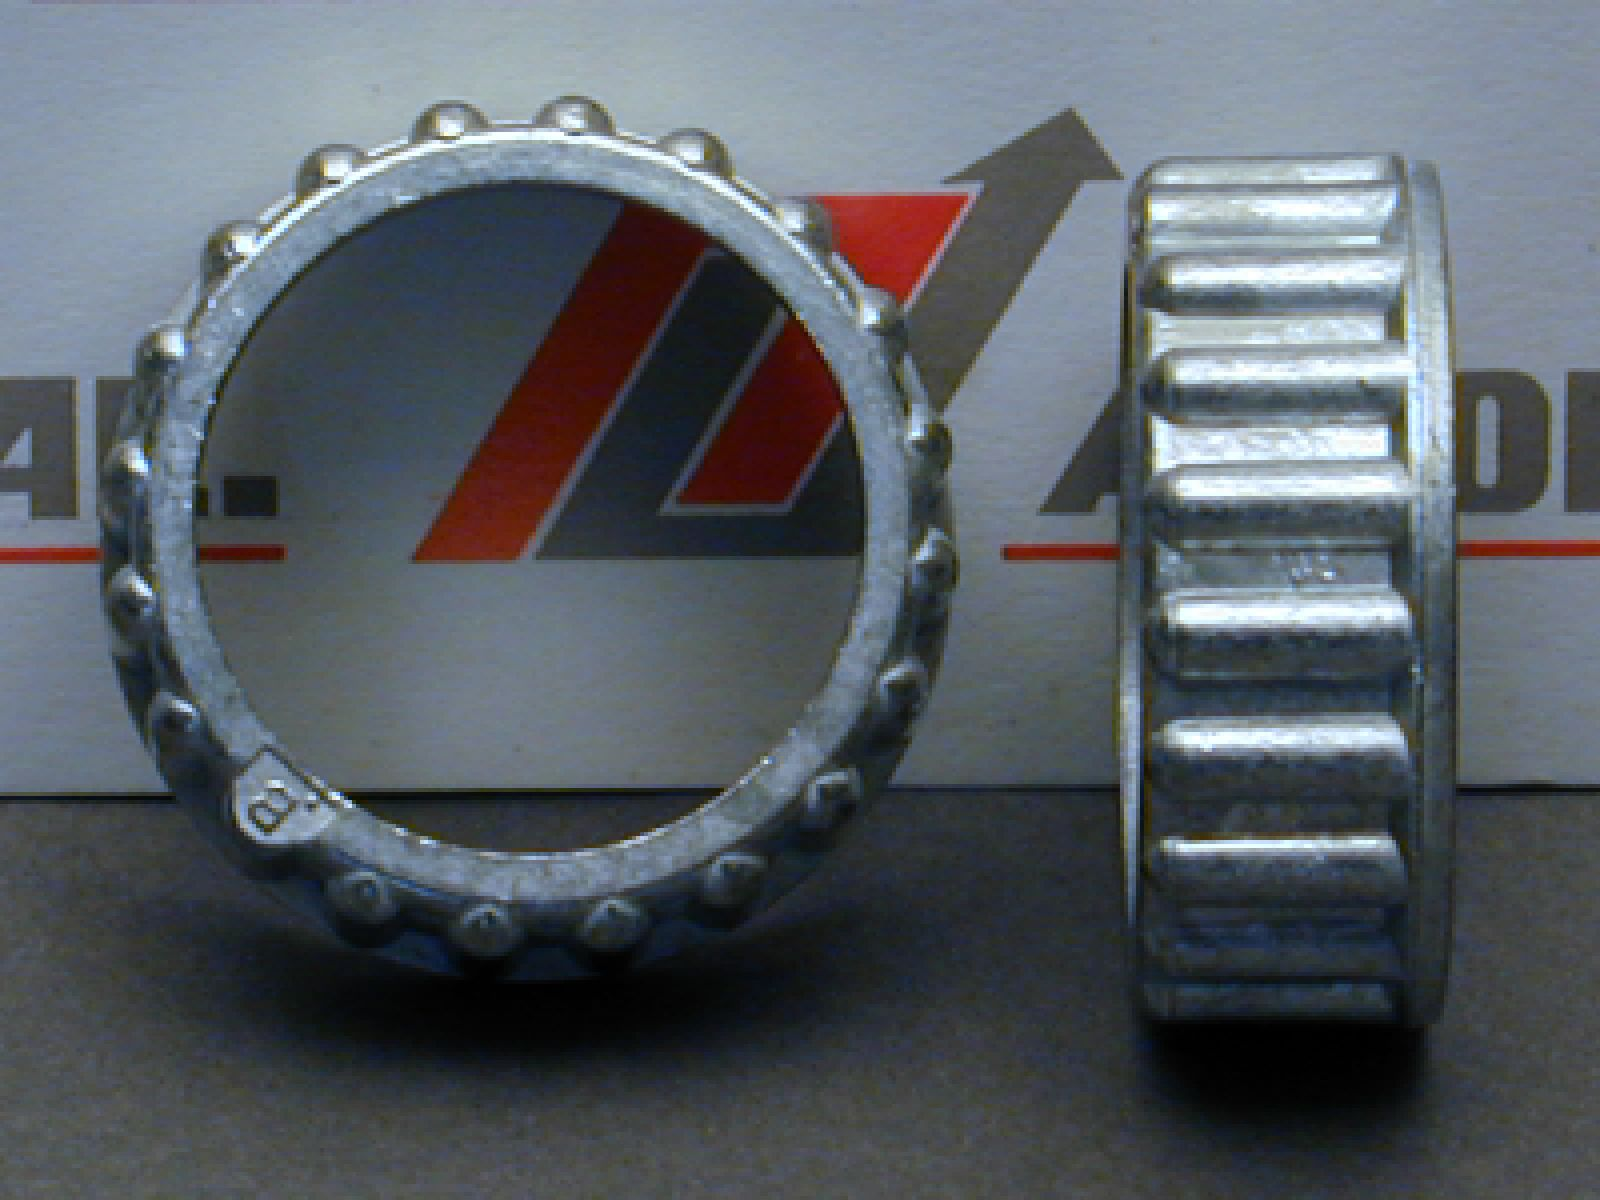 Καπάκι εξωτερικό καρμπυρατέρ BING γνήσιο γιά,JLO L197,ROTAX 150 200 250.